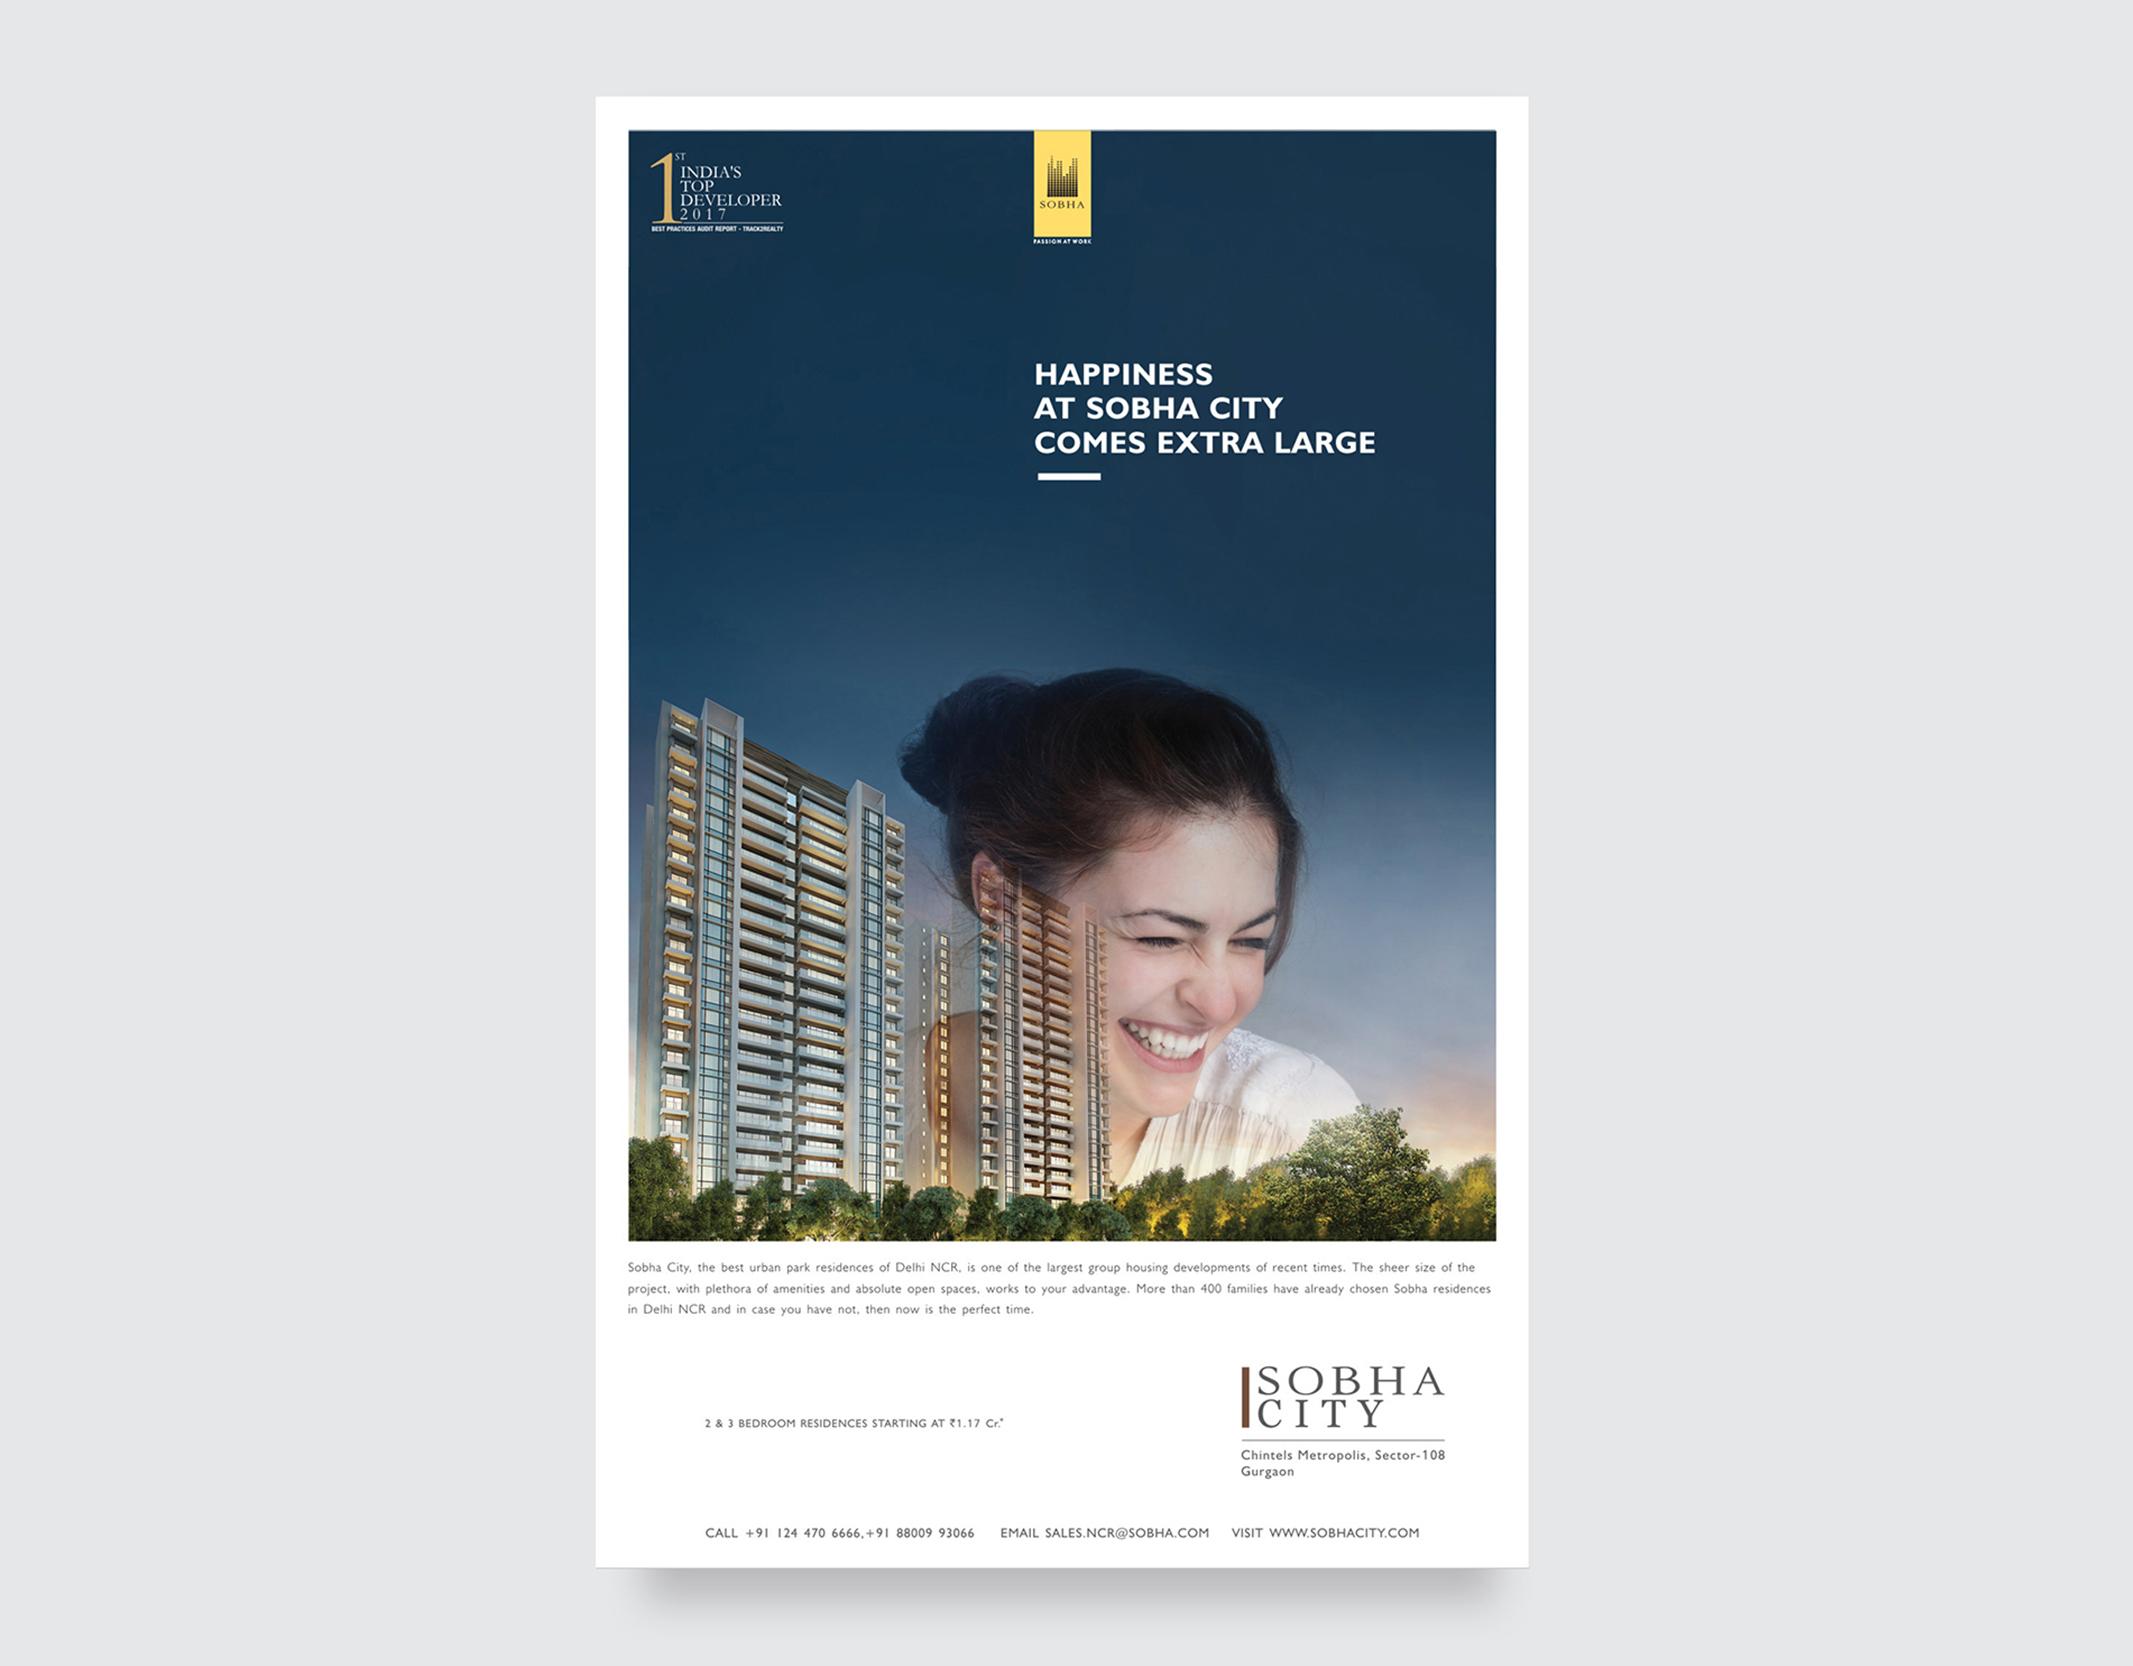 Real Estate Advertising Agency  Advertising Agency in Gurgaon